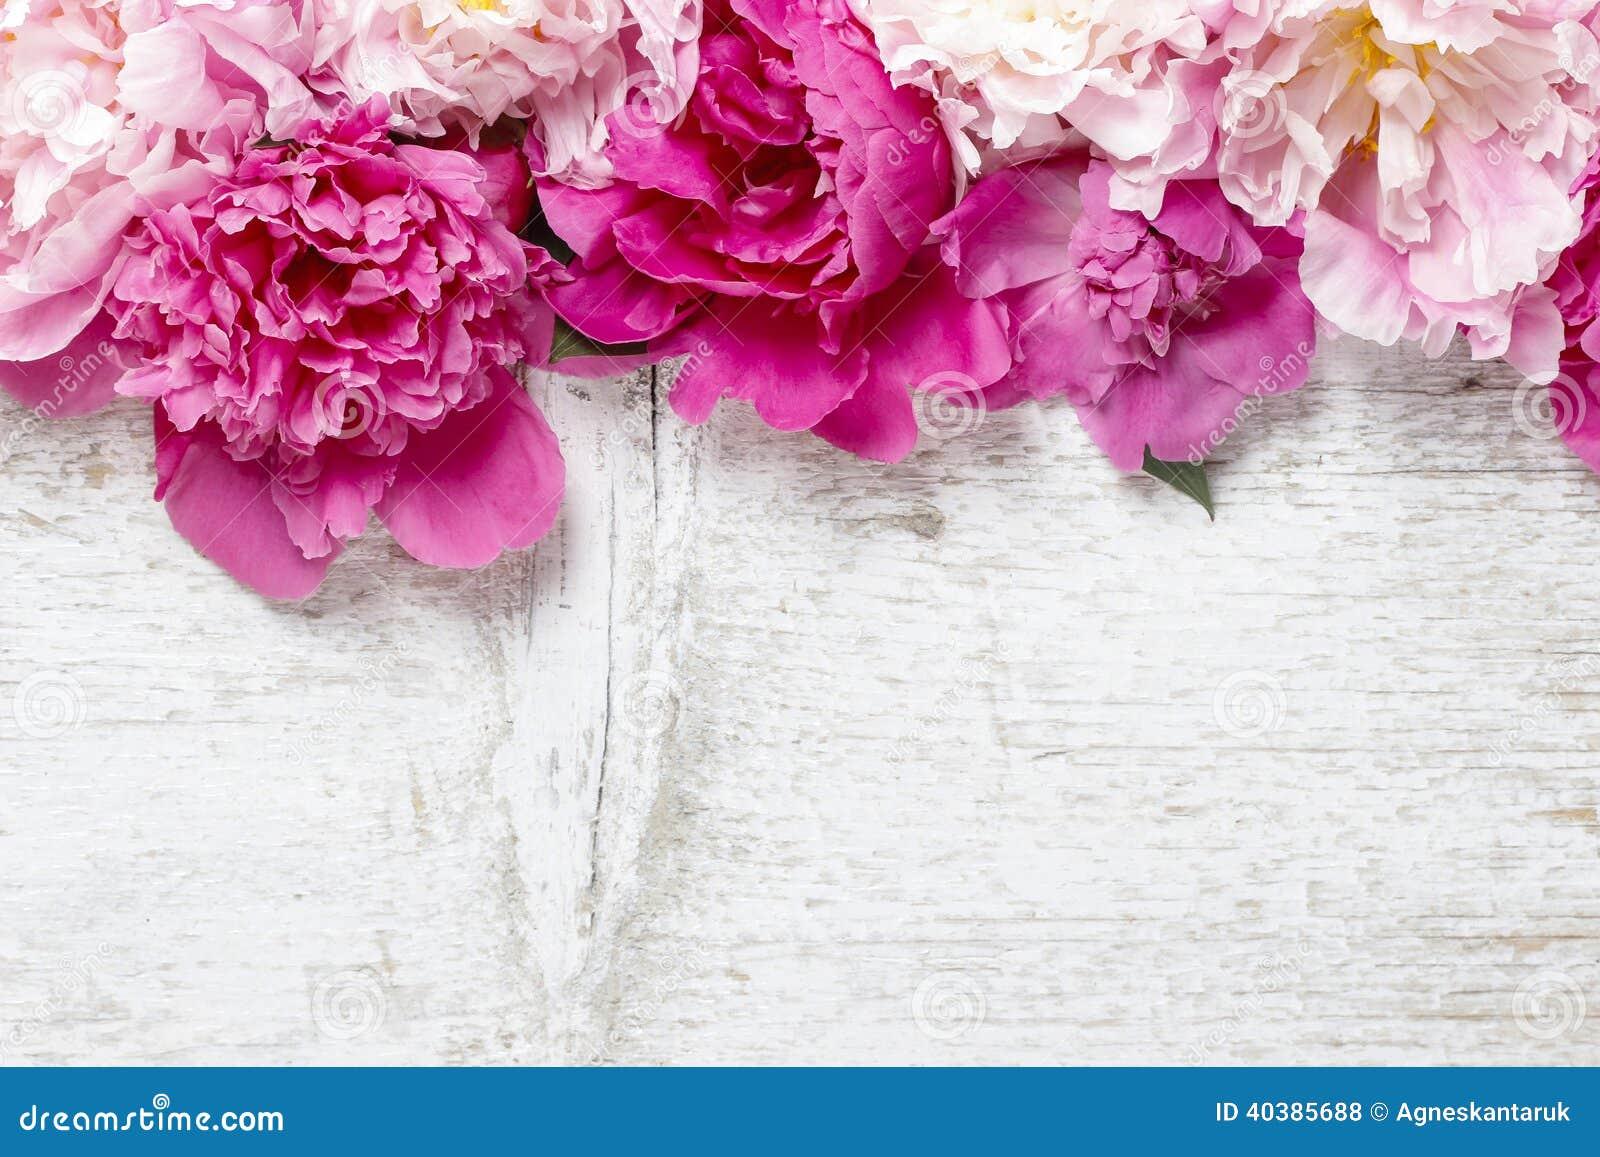 Peonías rosadas imponentes en el fondo de madera rústico blanco